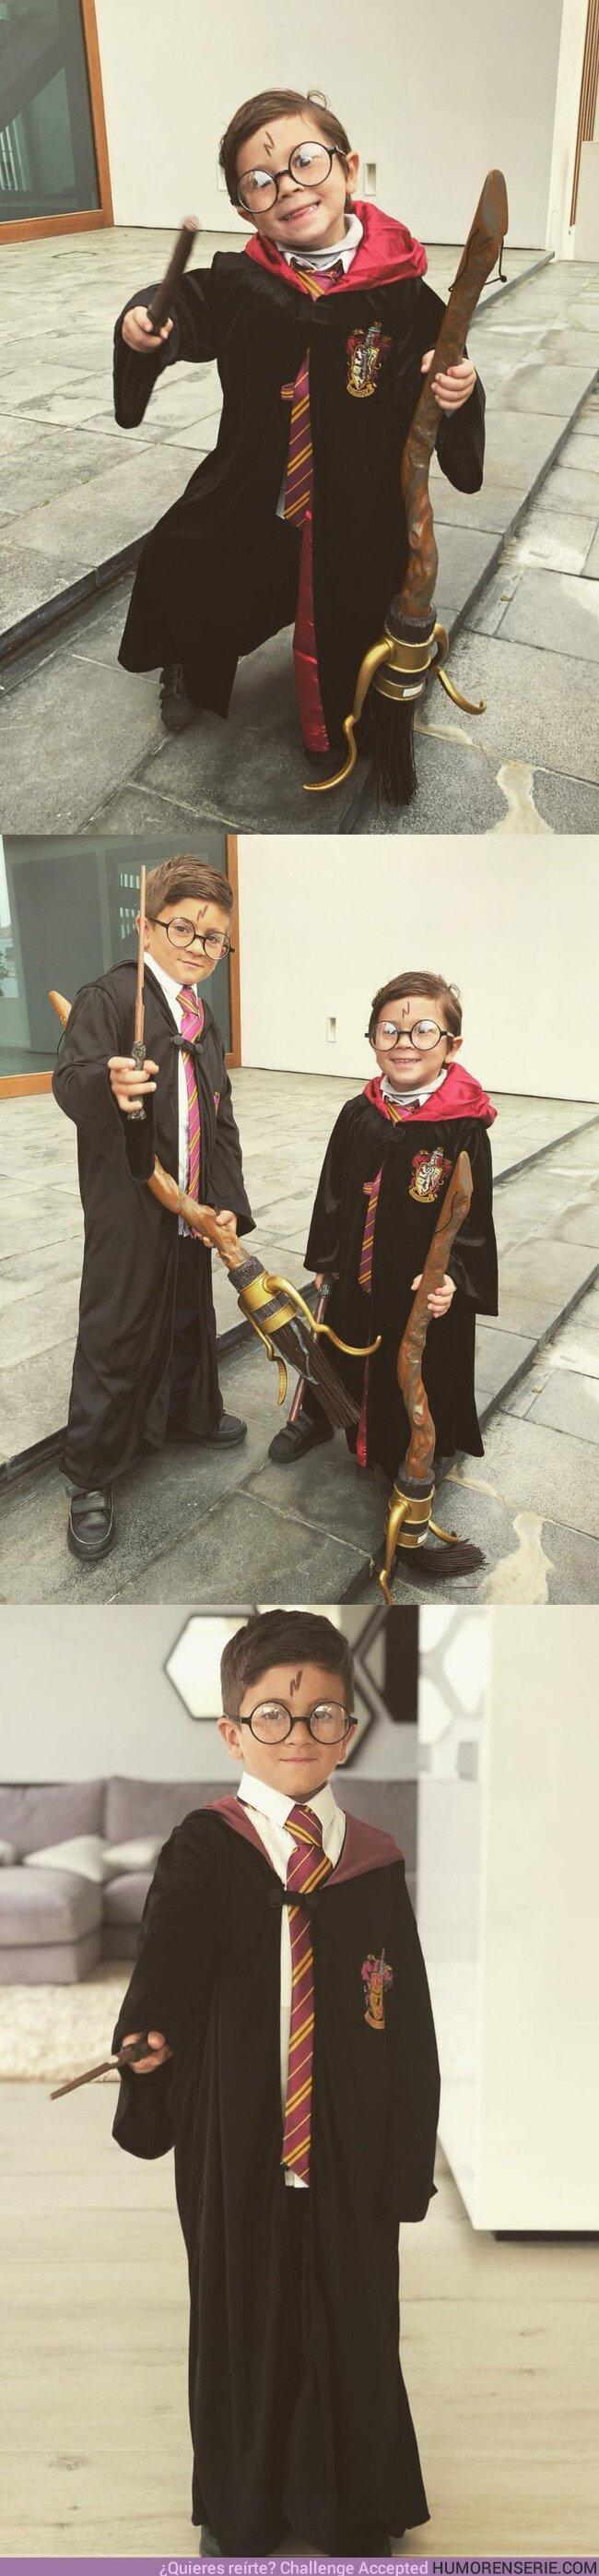 35532 - GALERÍA: Los hijos de Messi disfrazados de Harry Potter son lo mejor que verás en todo el día